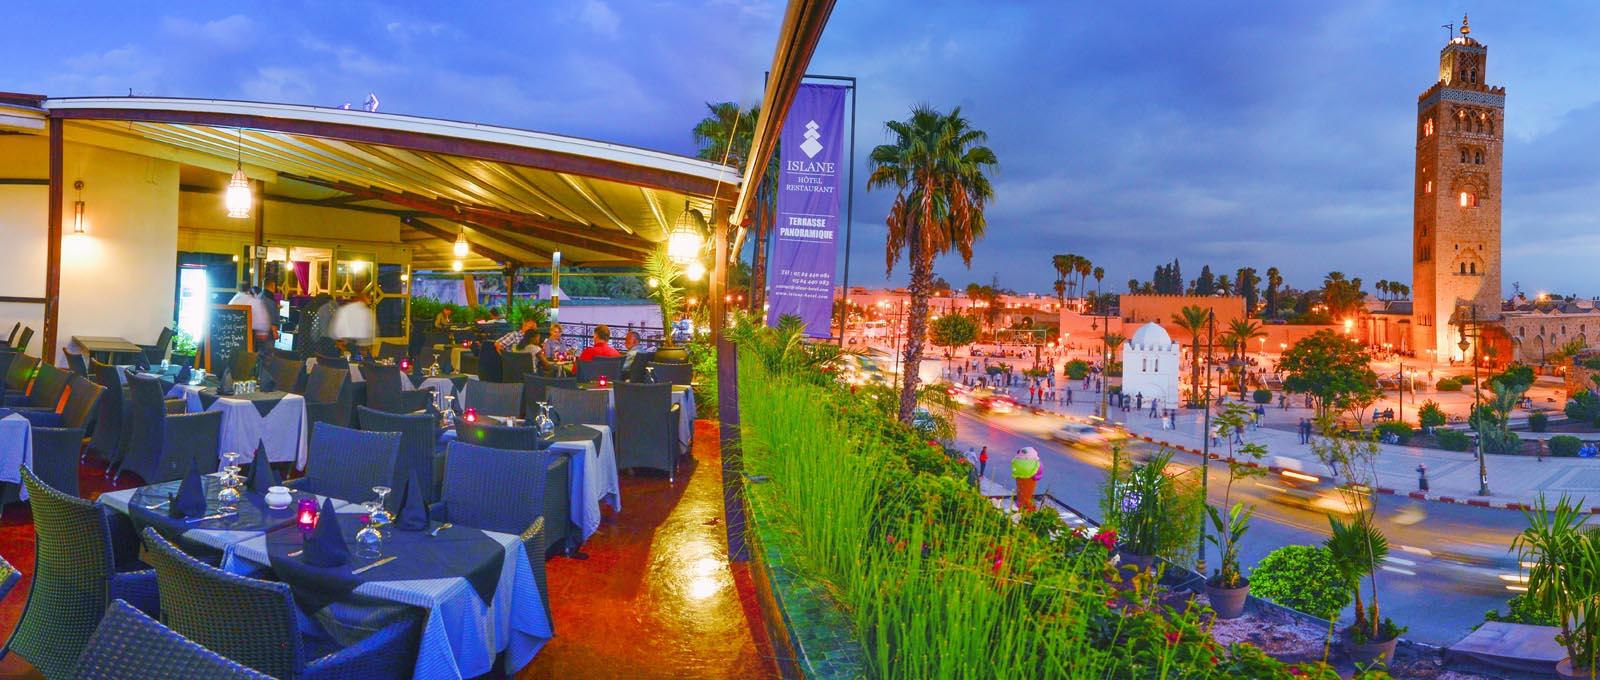 Une nuit pour 2 adultes+1enfant (-12ans) avec Pdj à Hotel Islane Marrakech Face à La Place De Jamaa Lefna seulement à 379dh!!!